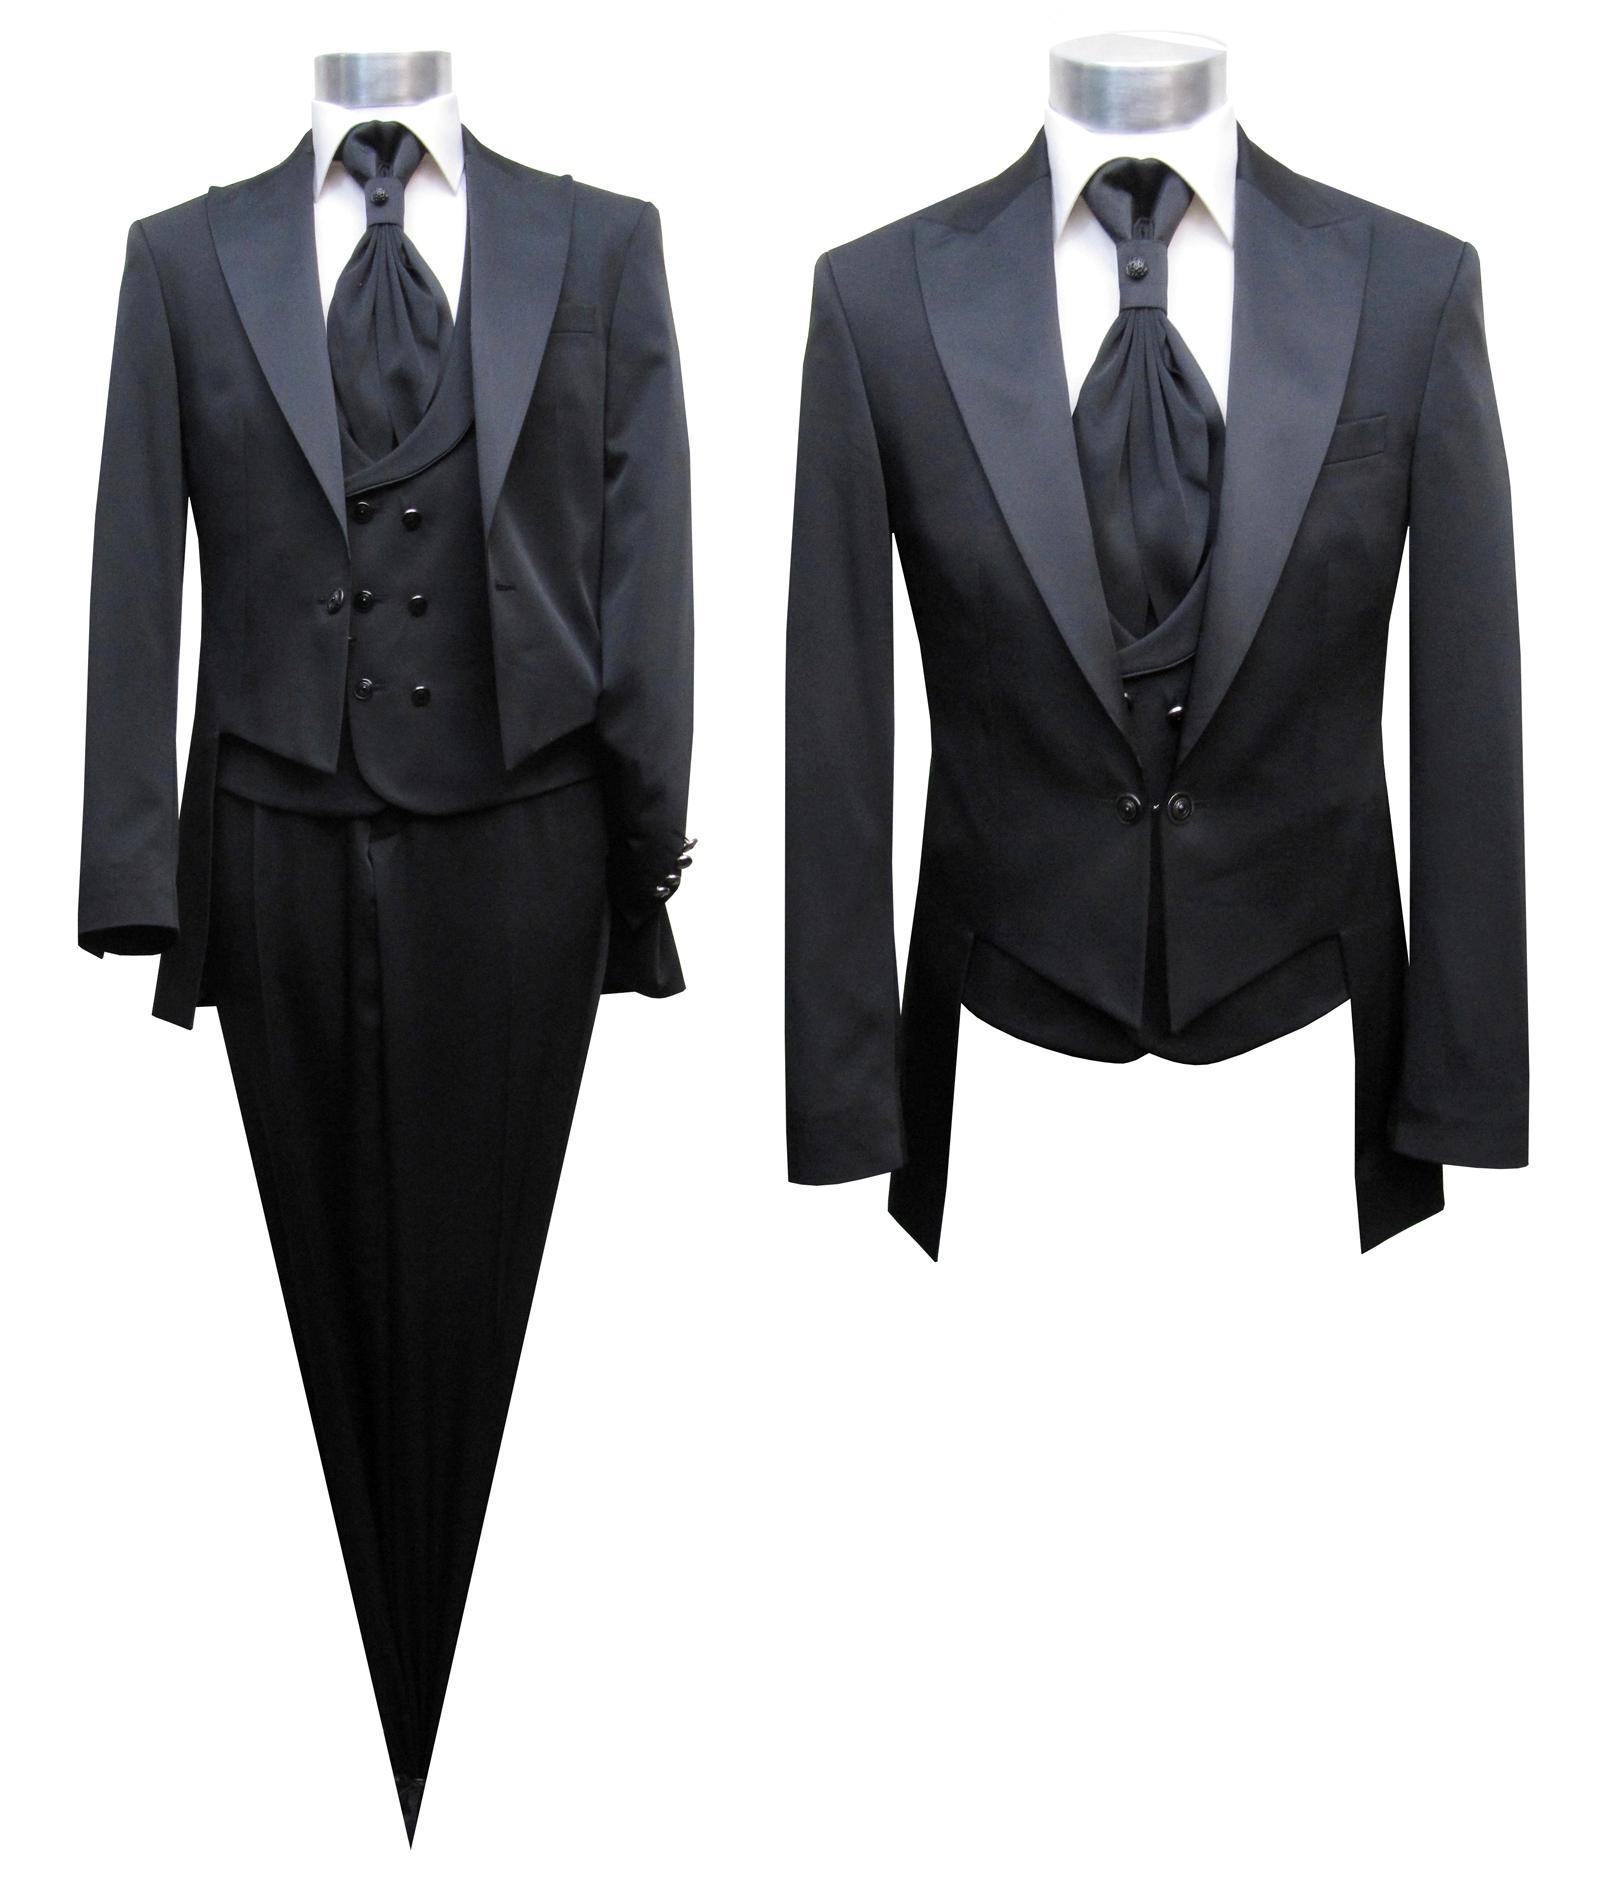 Details zu Ausgefallene Herren Hochzeitsanzug Gehrock 6 teilig Gr.66 Schwarz